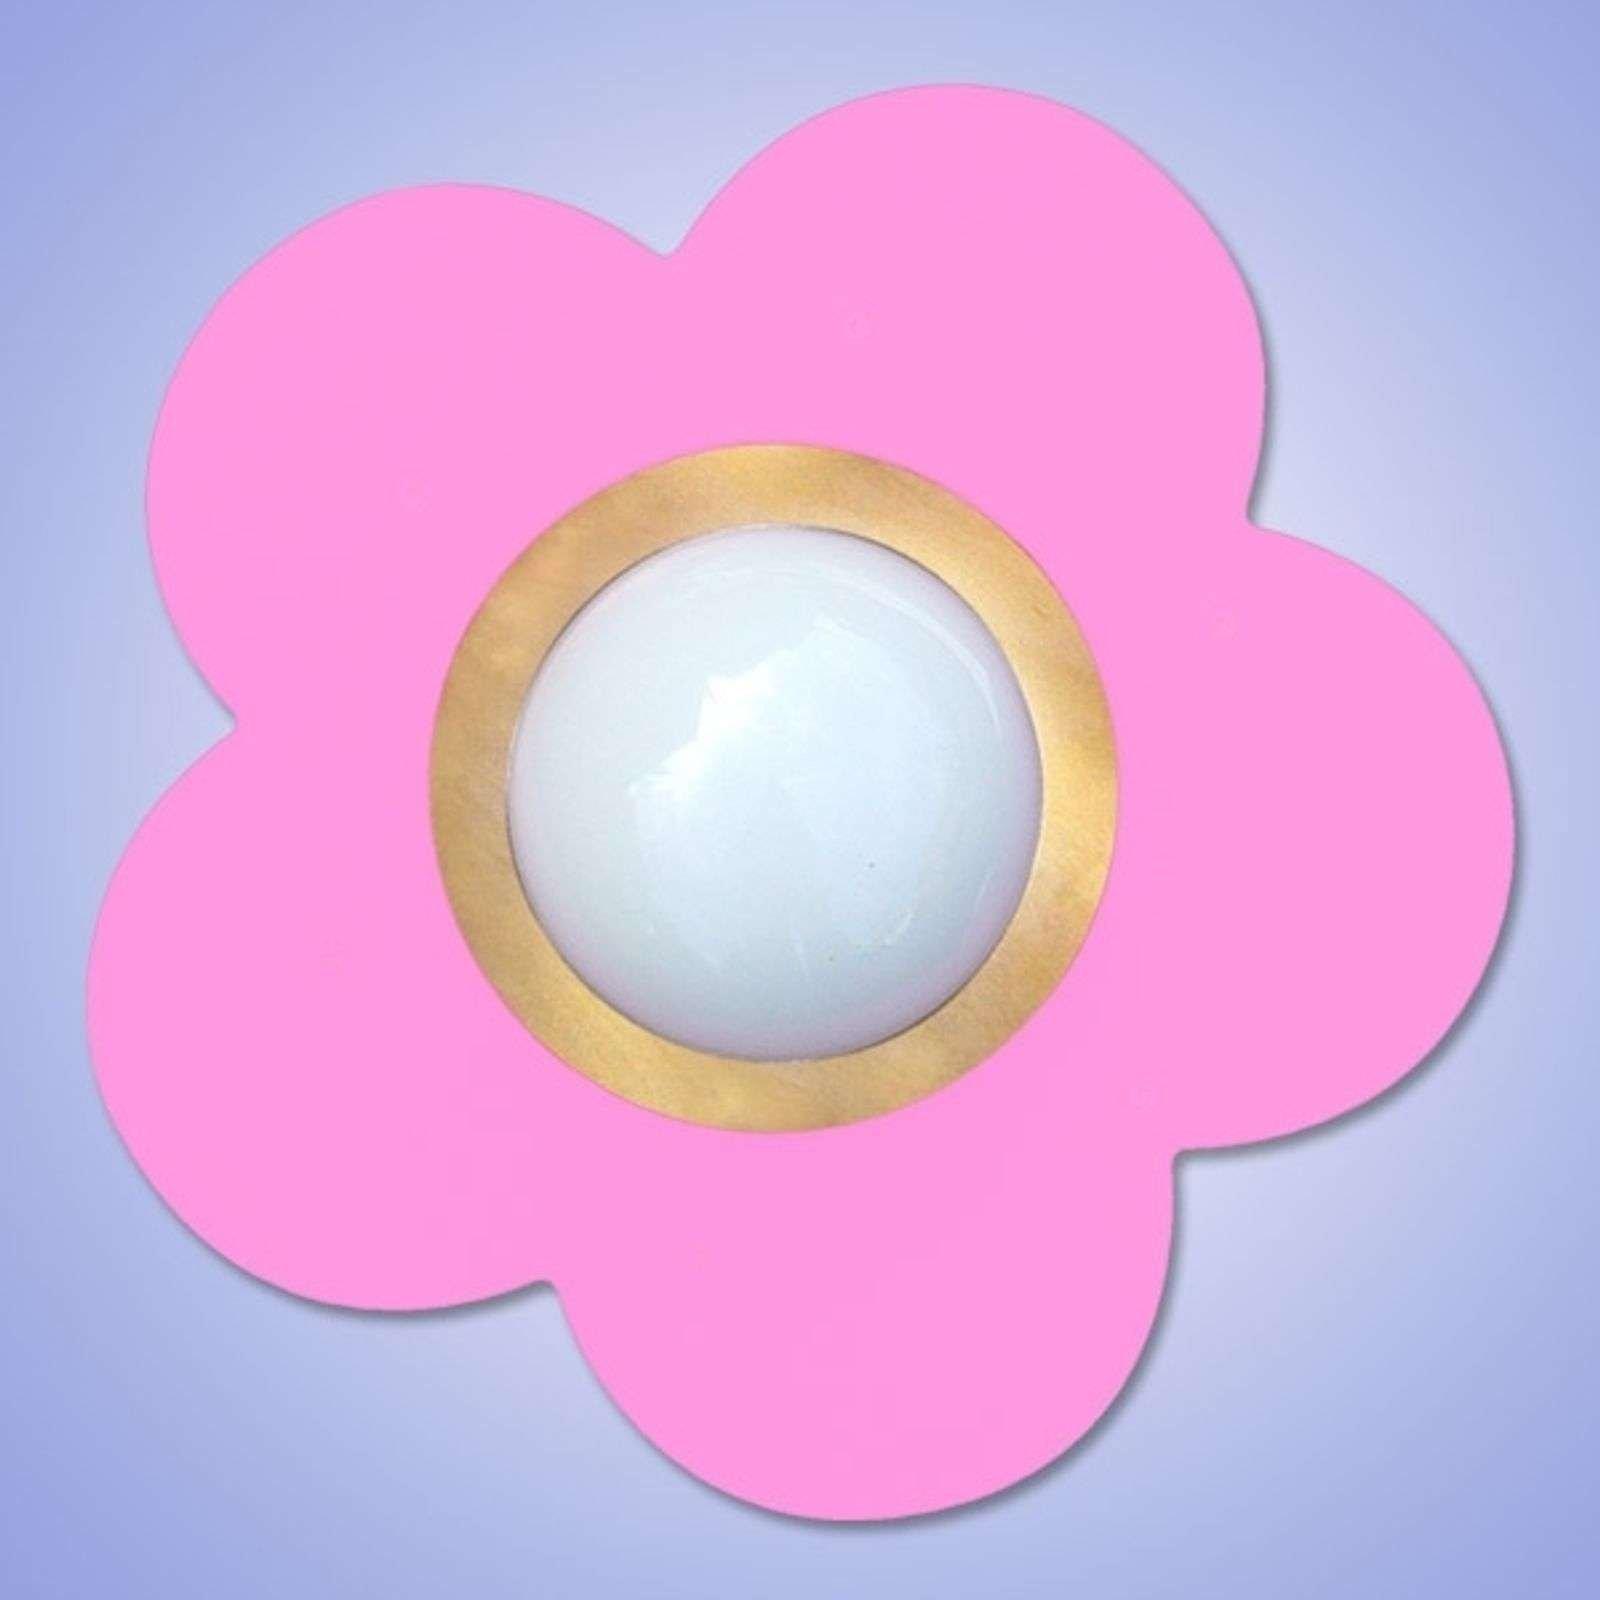 Decorative pink Petit Fleur ceiling light